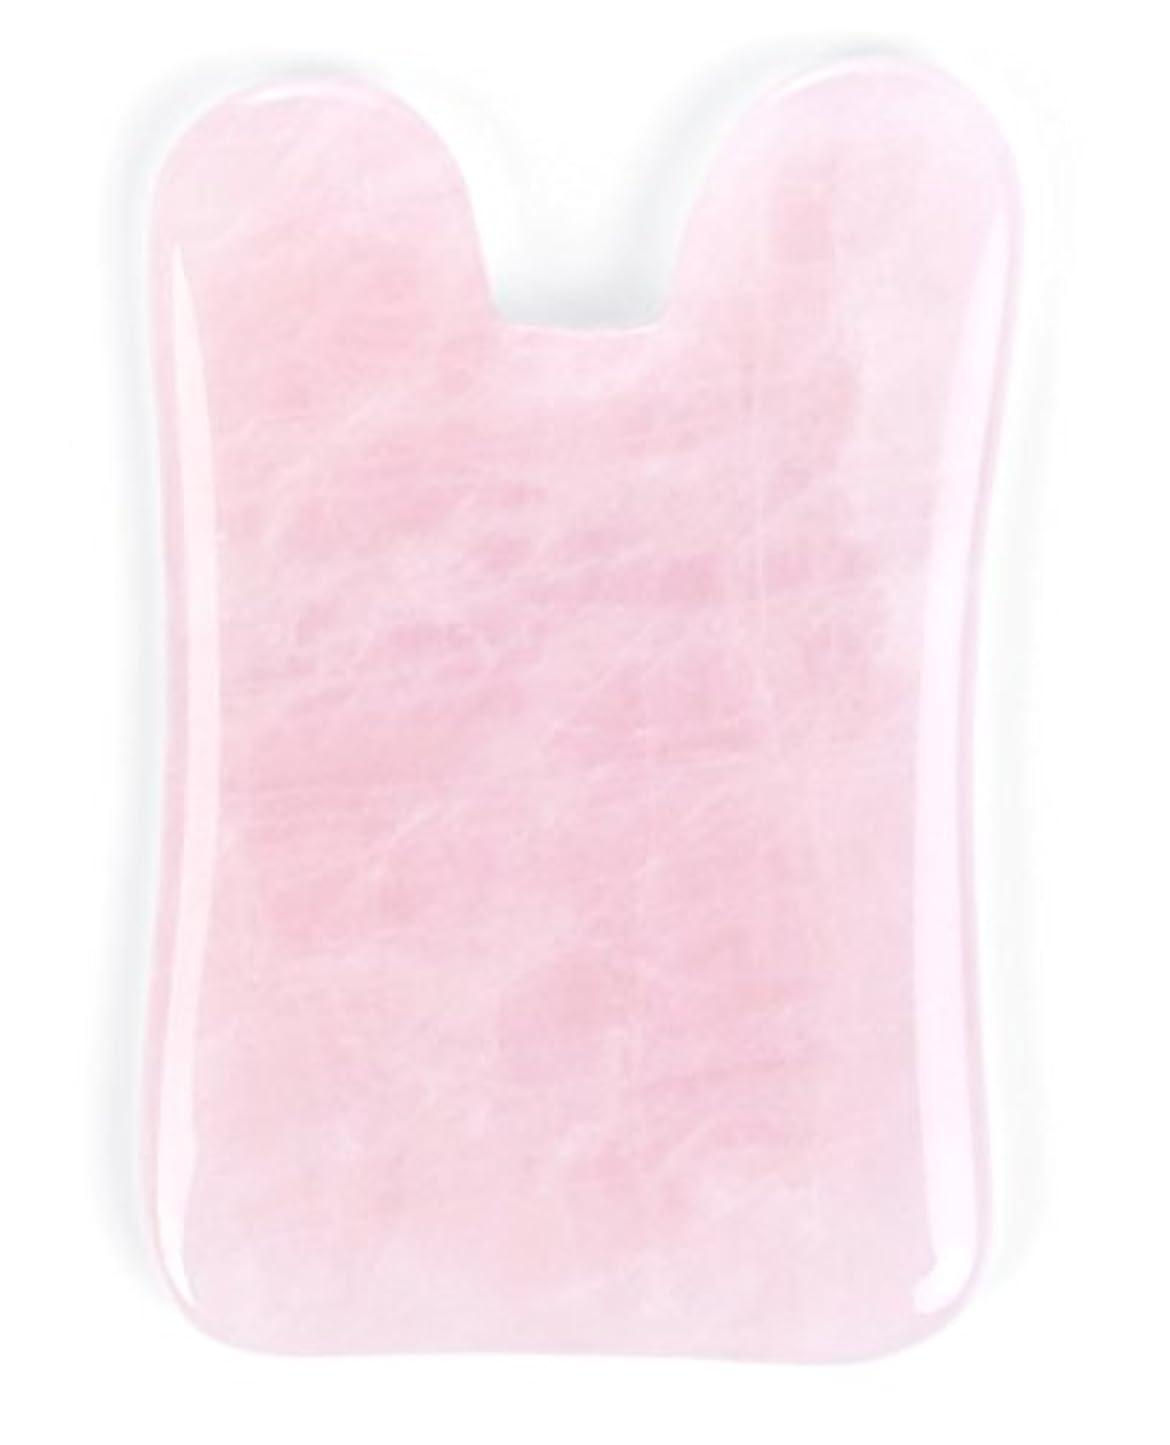 過激派くつろぎ非武装化Echo & Kern ピンクローズクォーツかっさプレート マッサージプレートPink Rose Quartz Gua Sha Board-Therapeutic Relief and Skin Renewal -Premium...